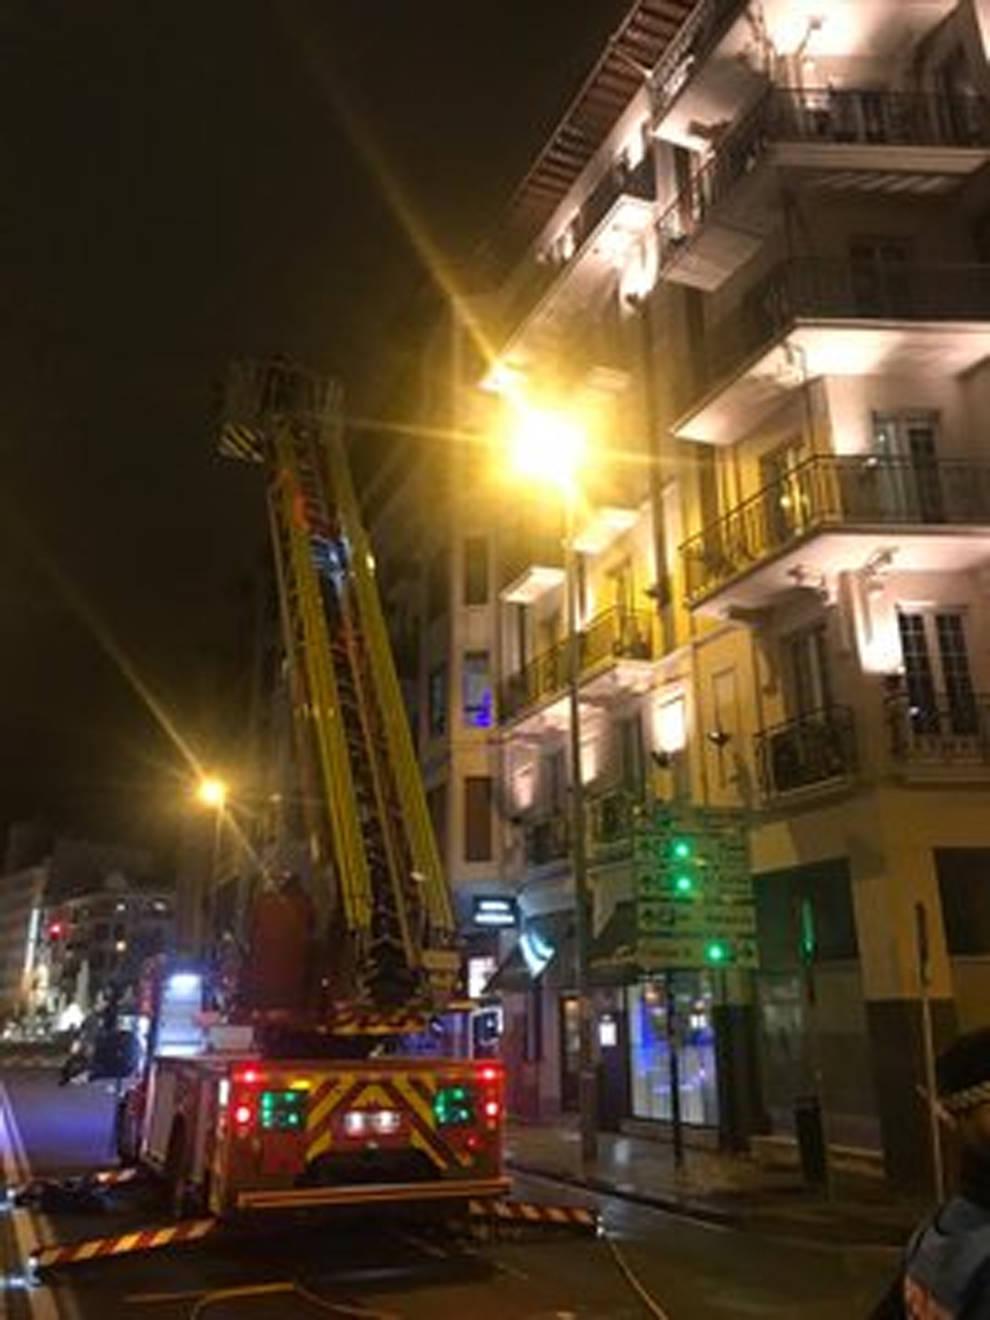 Arde un colchón en un hotel de Pamplona